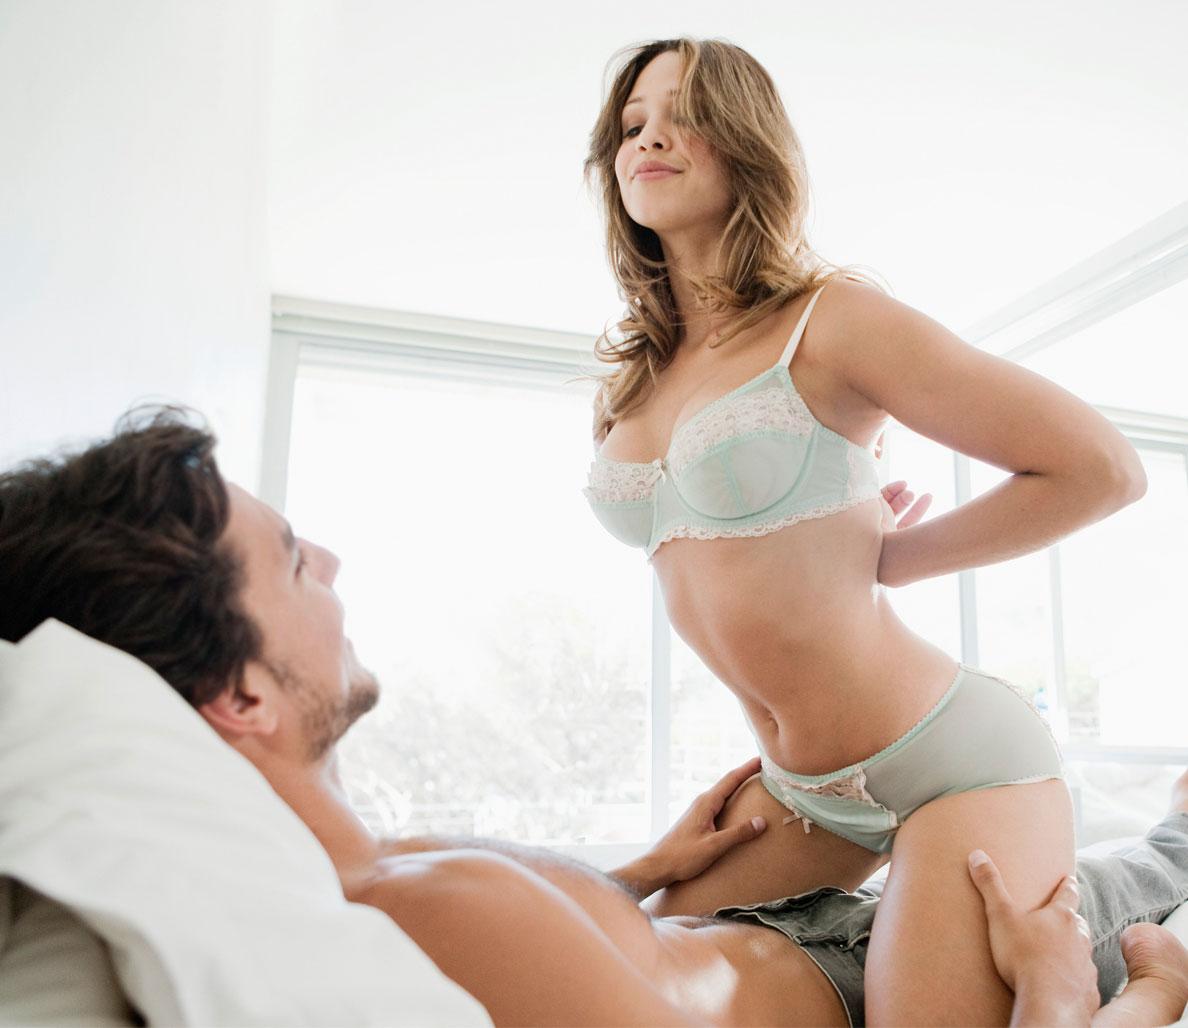 Почему мужчинам нравится нижнее белье фото